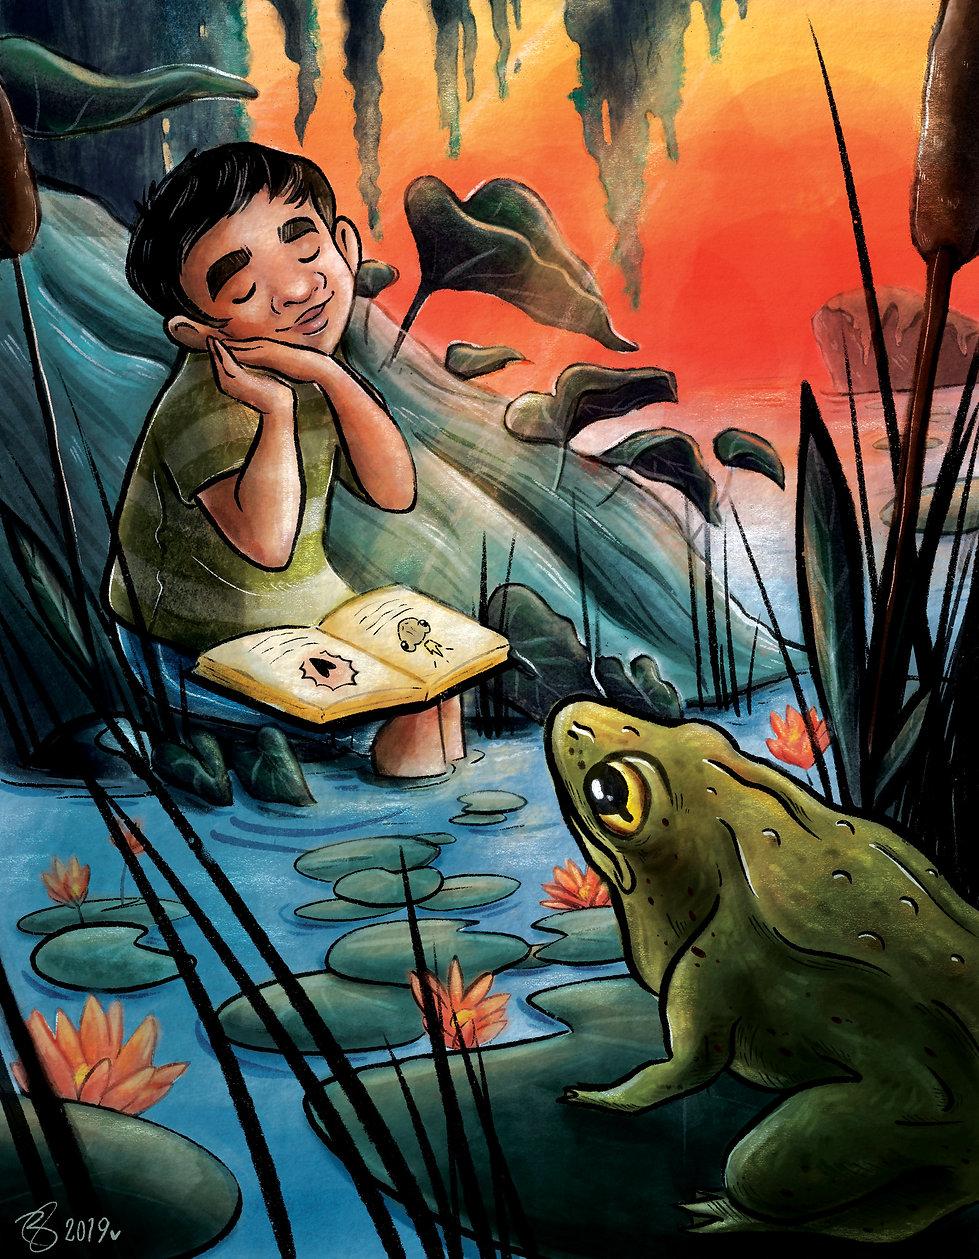 Prince_And_Frog.jpg